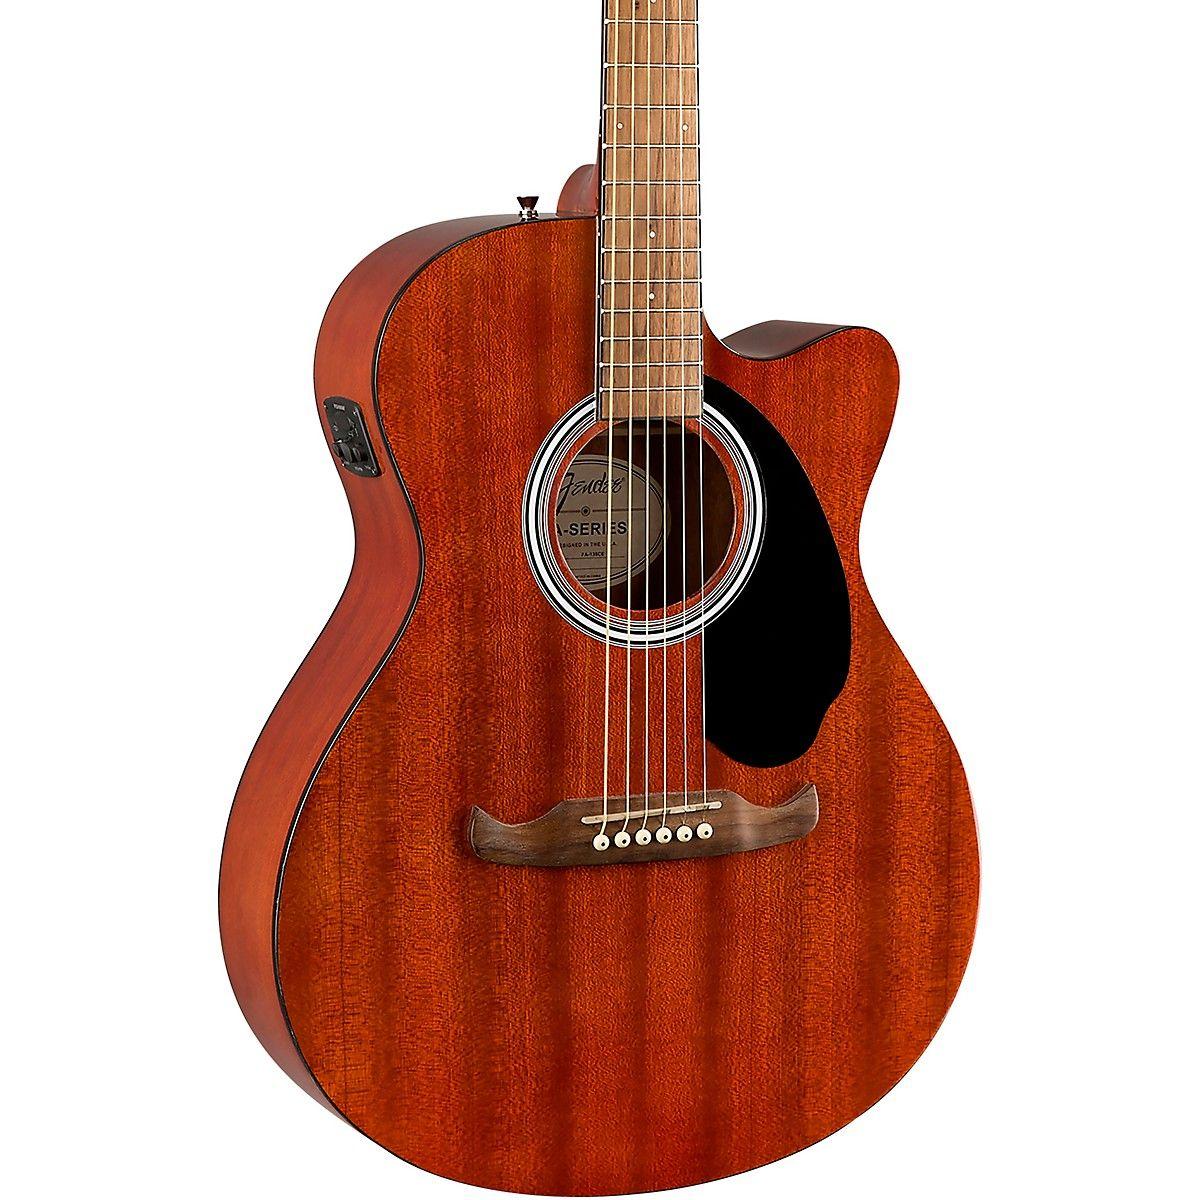 Fender Fa 135ce All Mahogany Concert Acoustic Electric Guitar Acoustic Electric Acoustic Electric Guitar Guitar